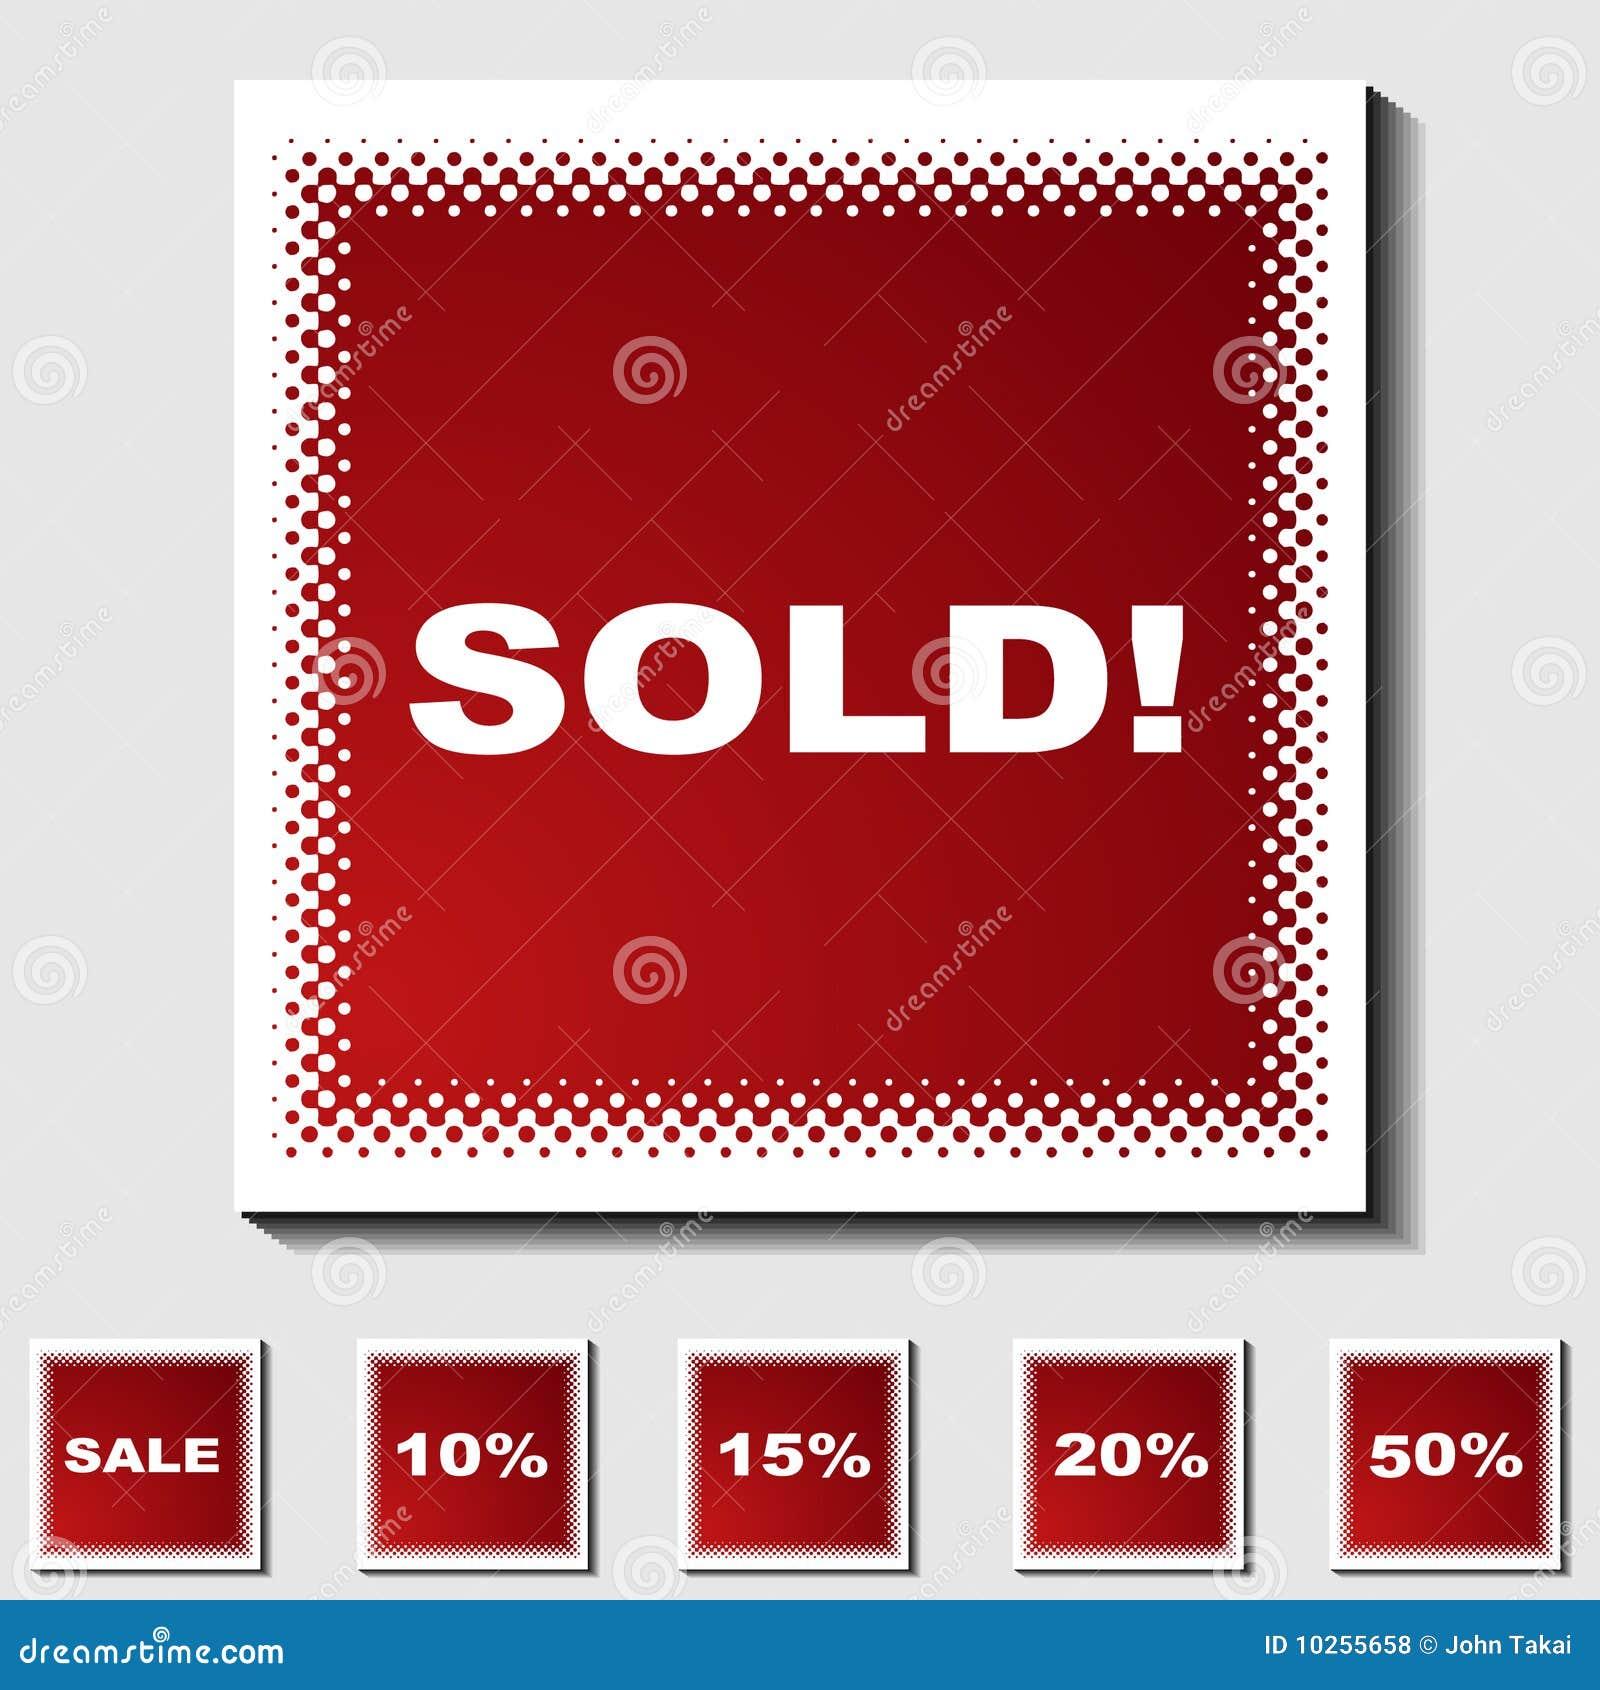 Ensemble de graphismes carrés - image tramée - vendus